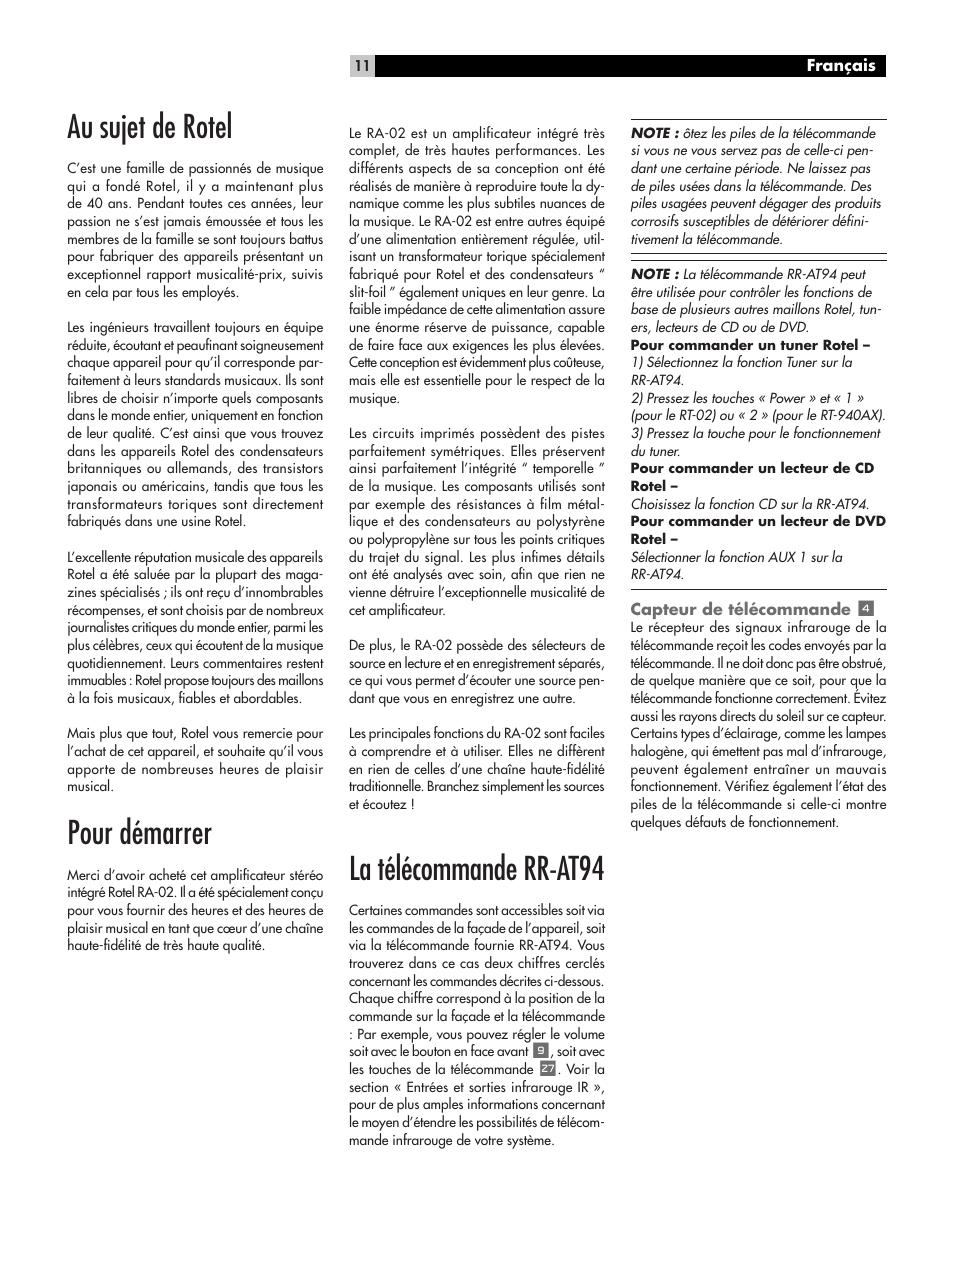 Au sujet de rotel, Pour démarrer, La télécommande rr-at94   ROTEL RA